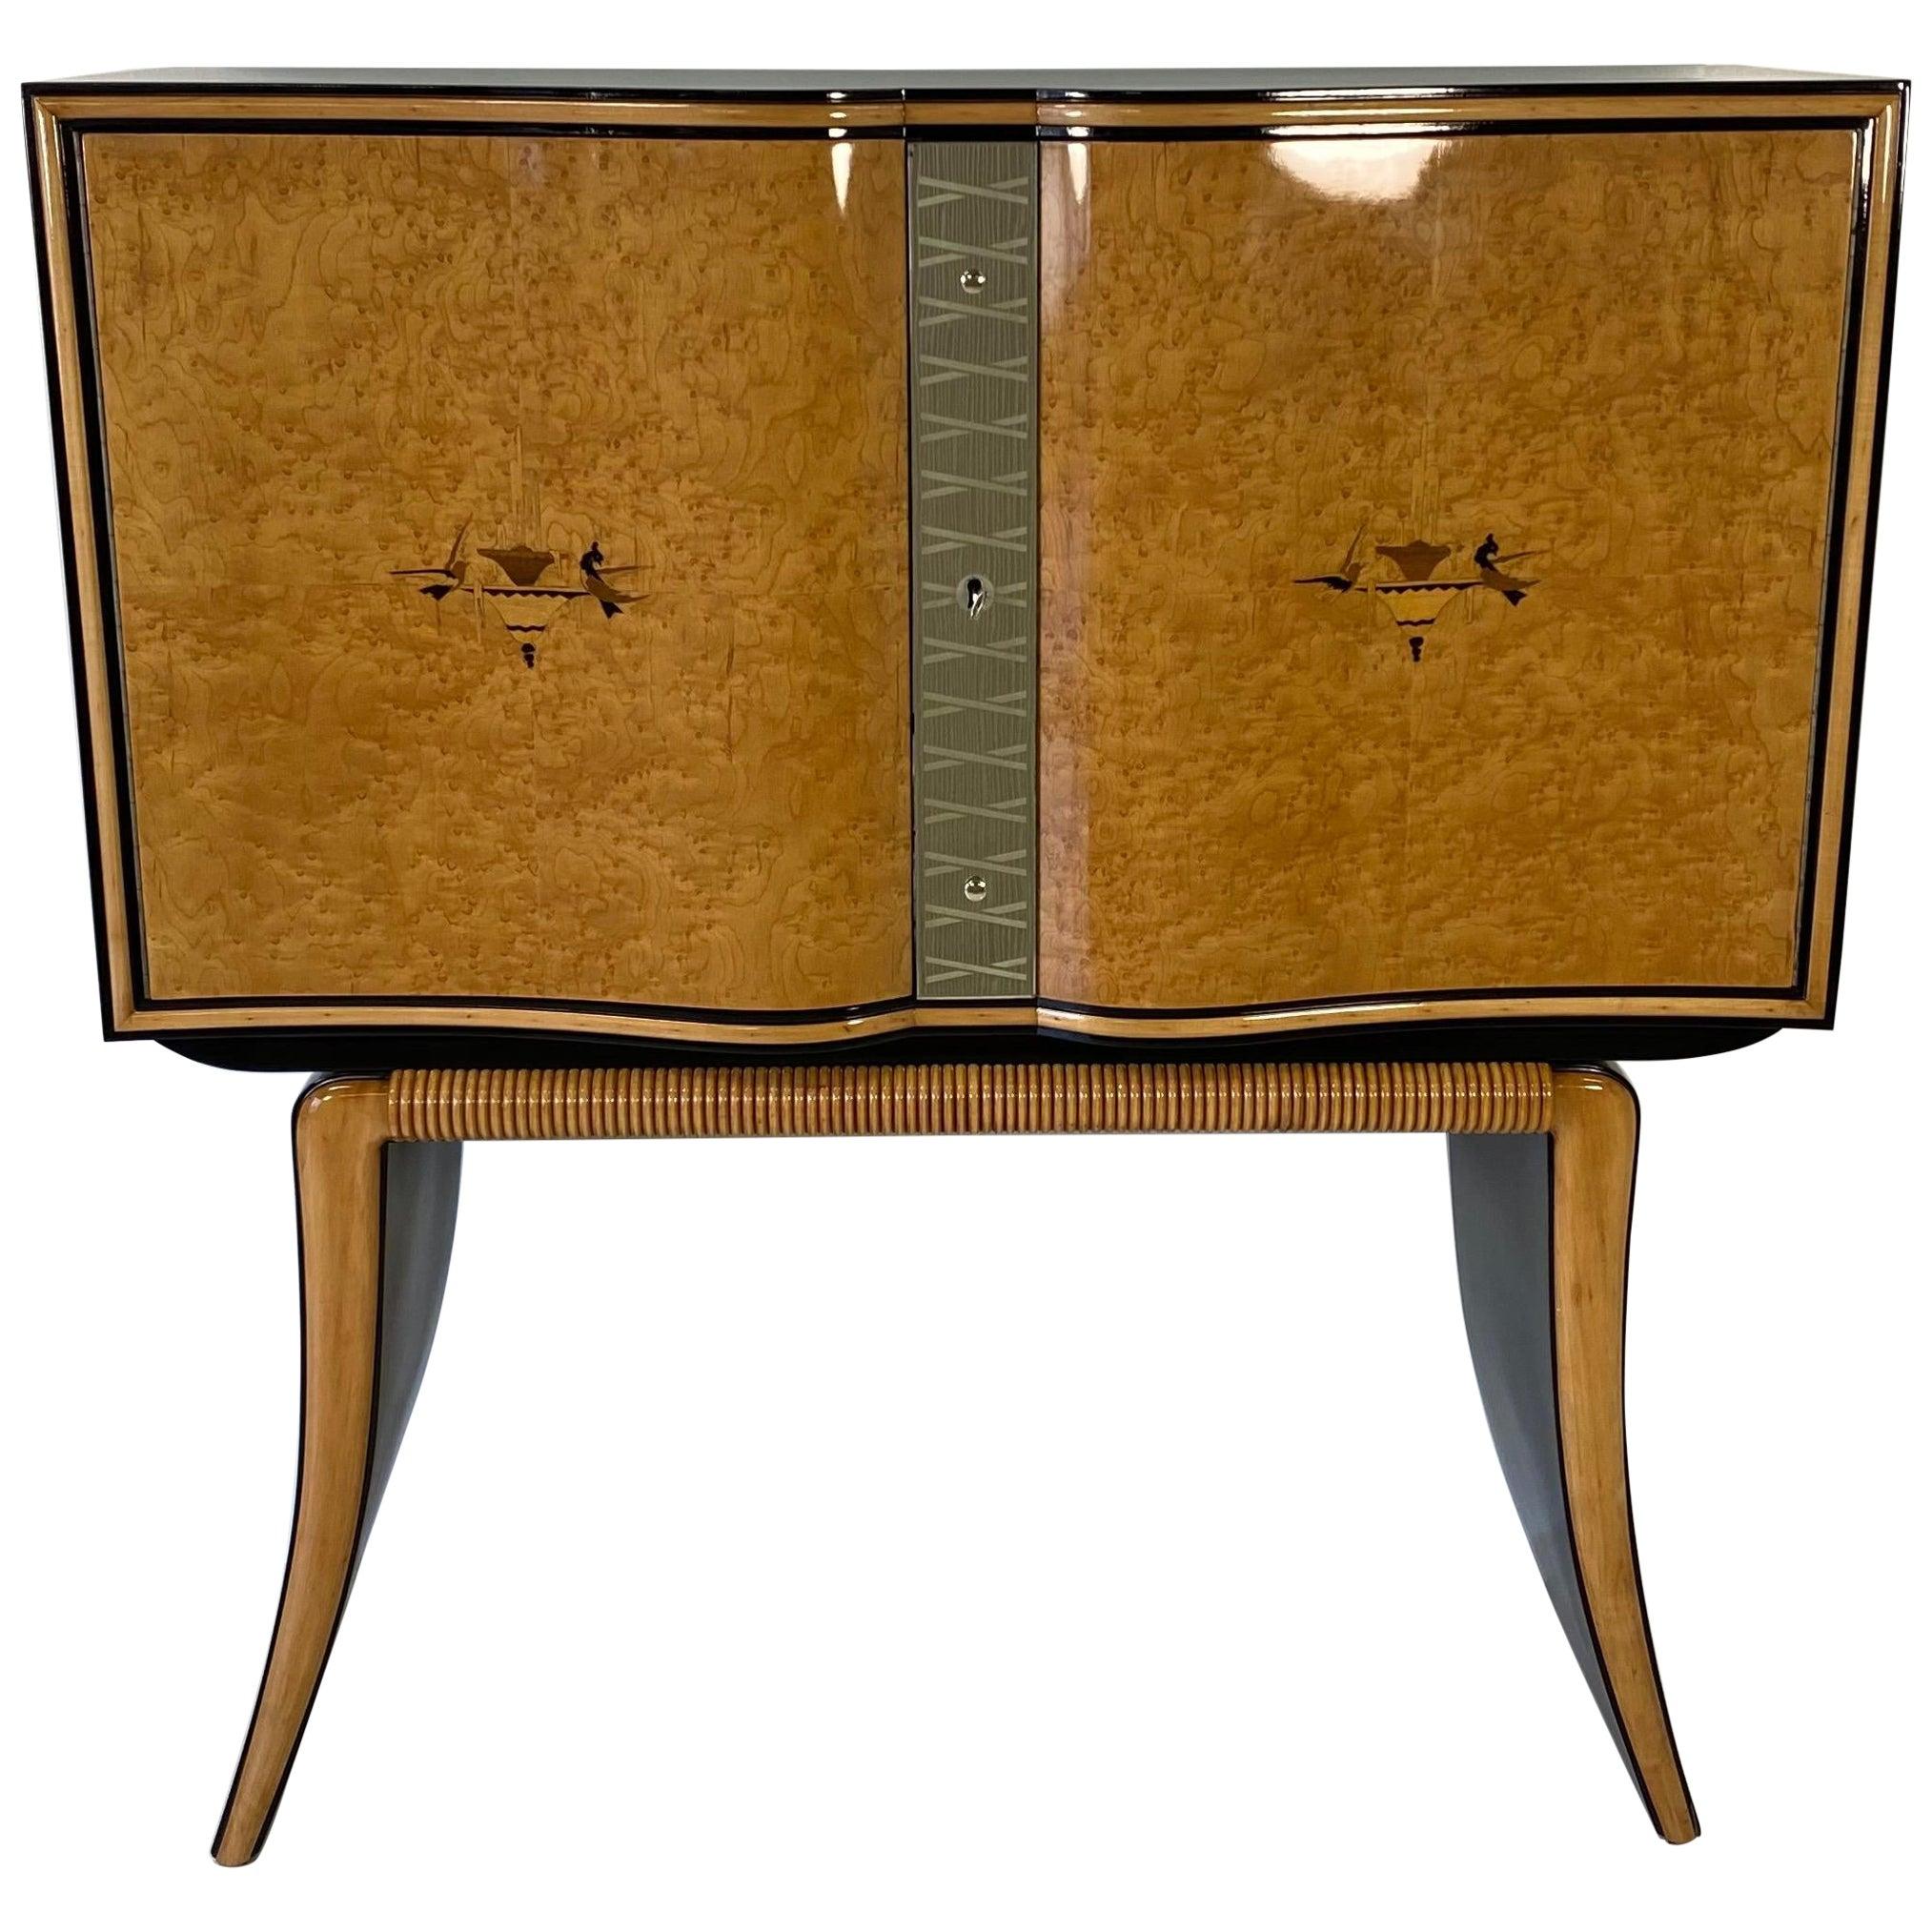 Paolo Buffa Italian Art Deco Maple and Black Lacquer Bar Cabinet, 1940s